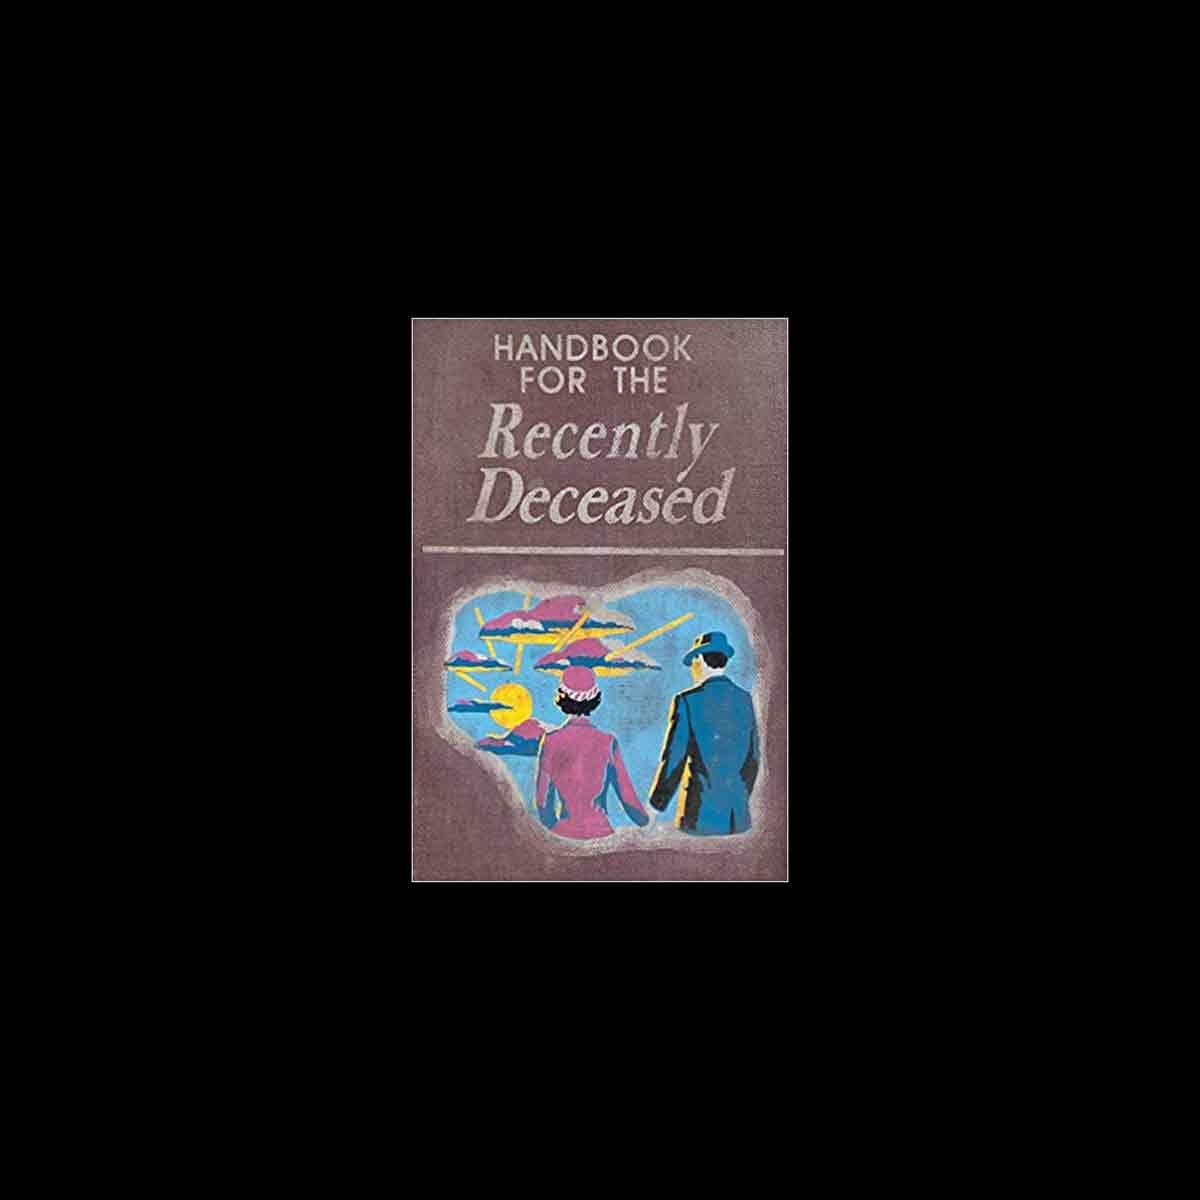 Handbook-for-the-Recently-Deceased